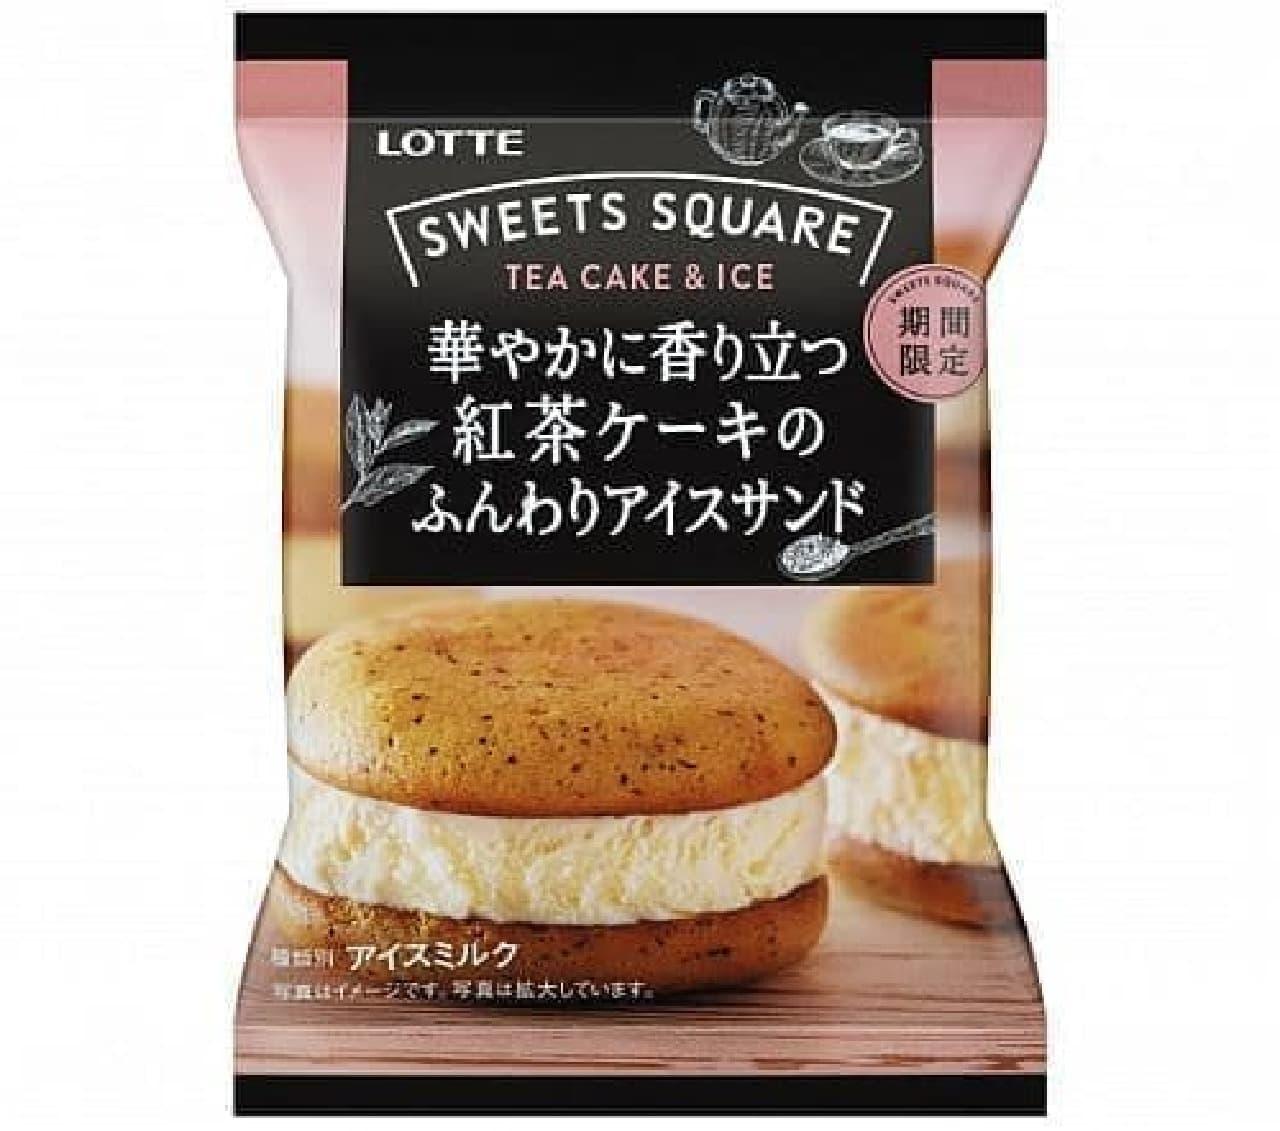 華やかに香り立つ紅茶ケーキのふんわりアイスサンド